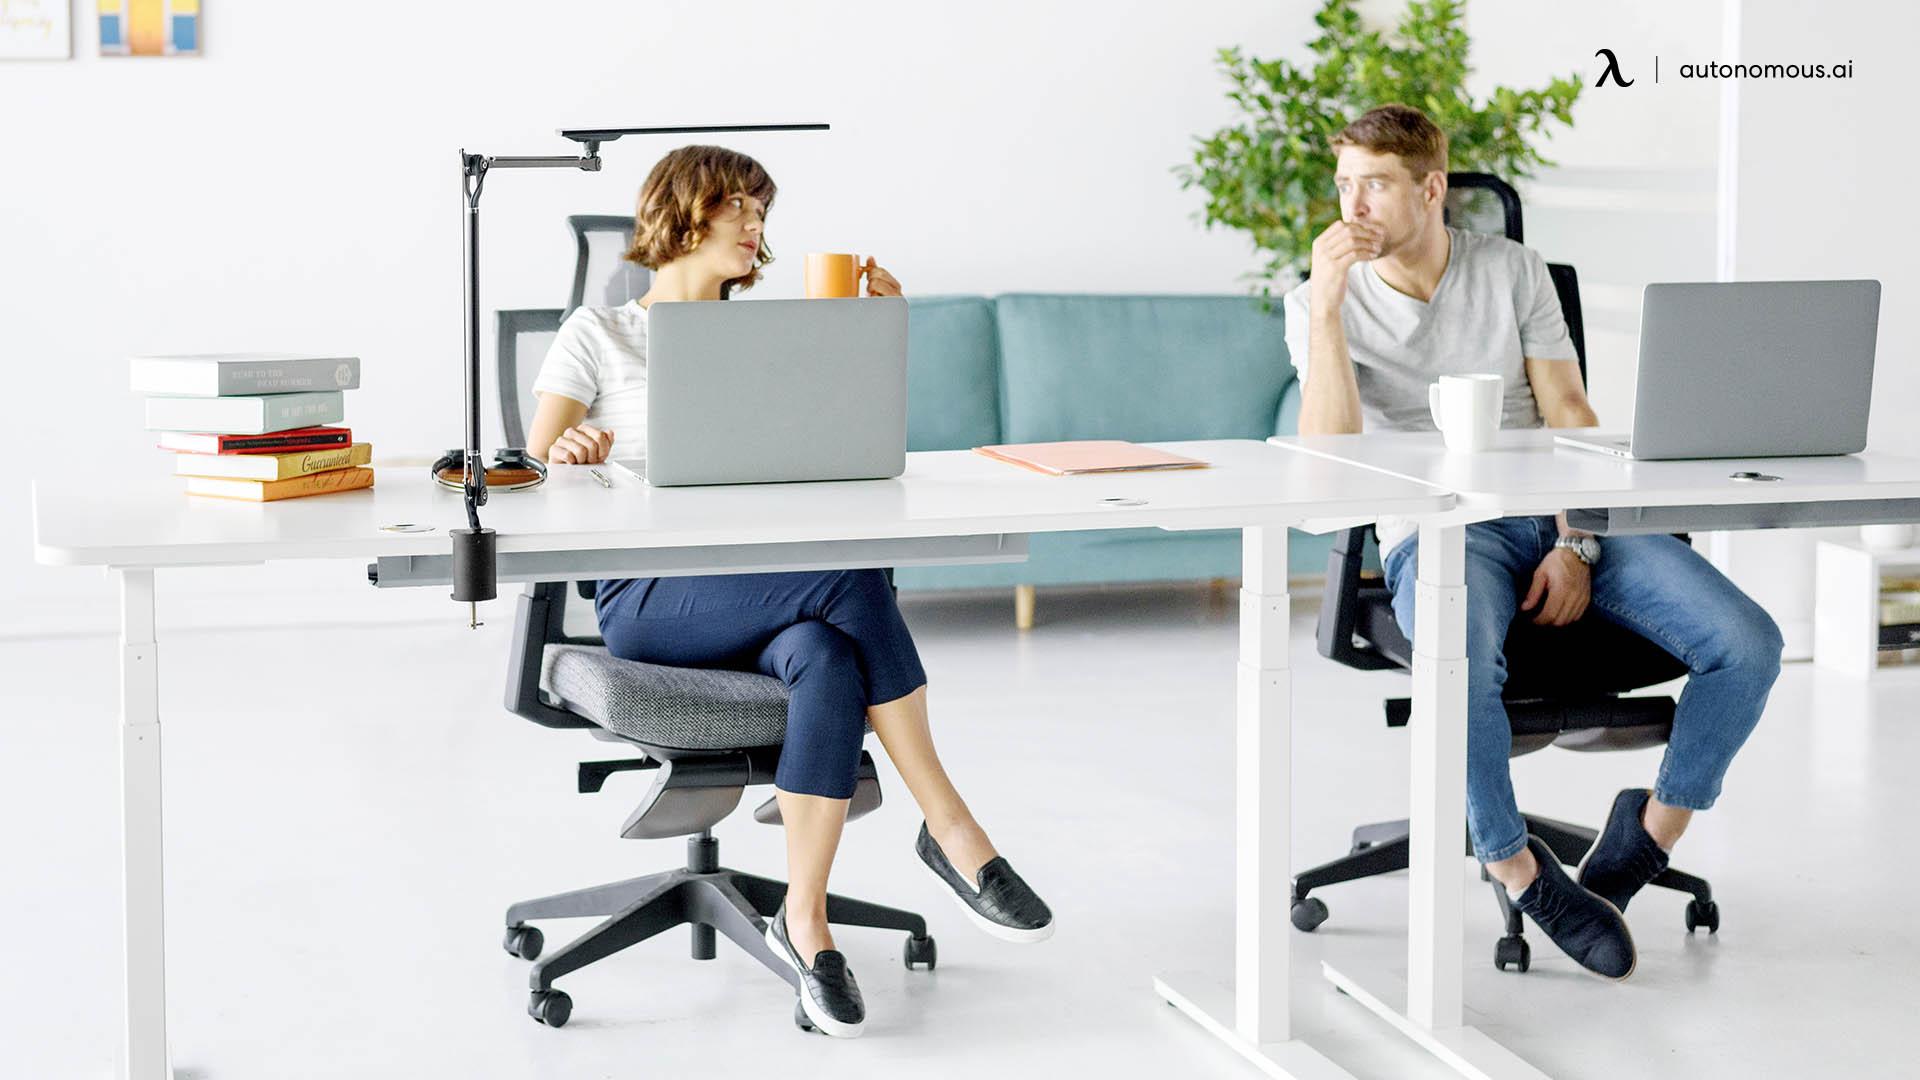 flexible work model better